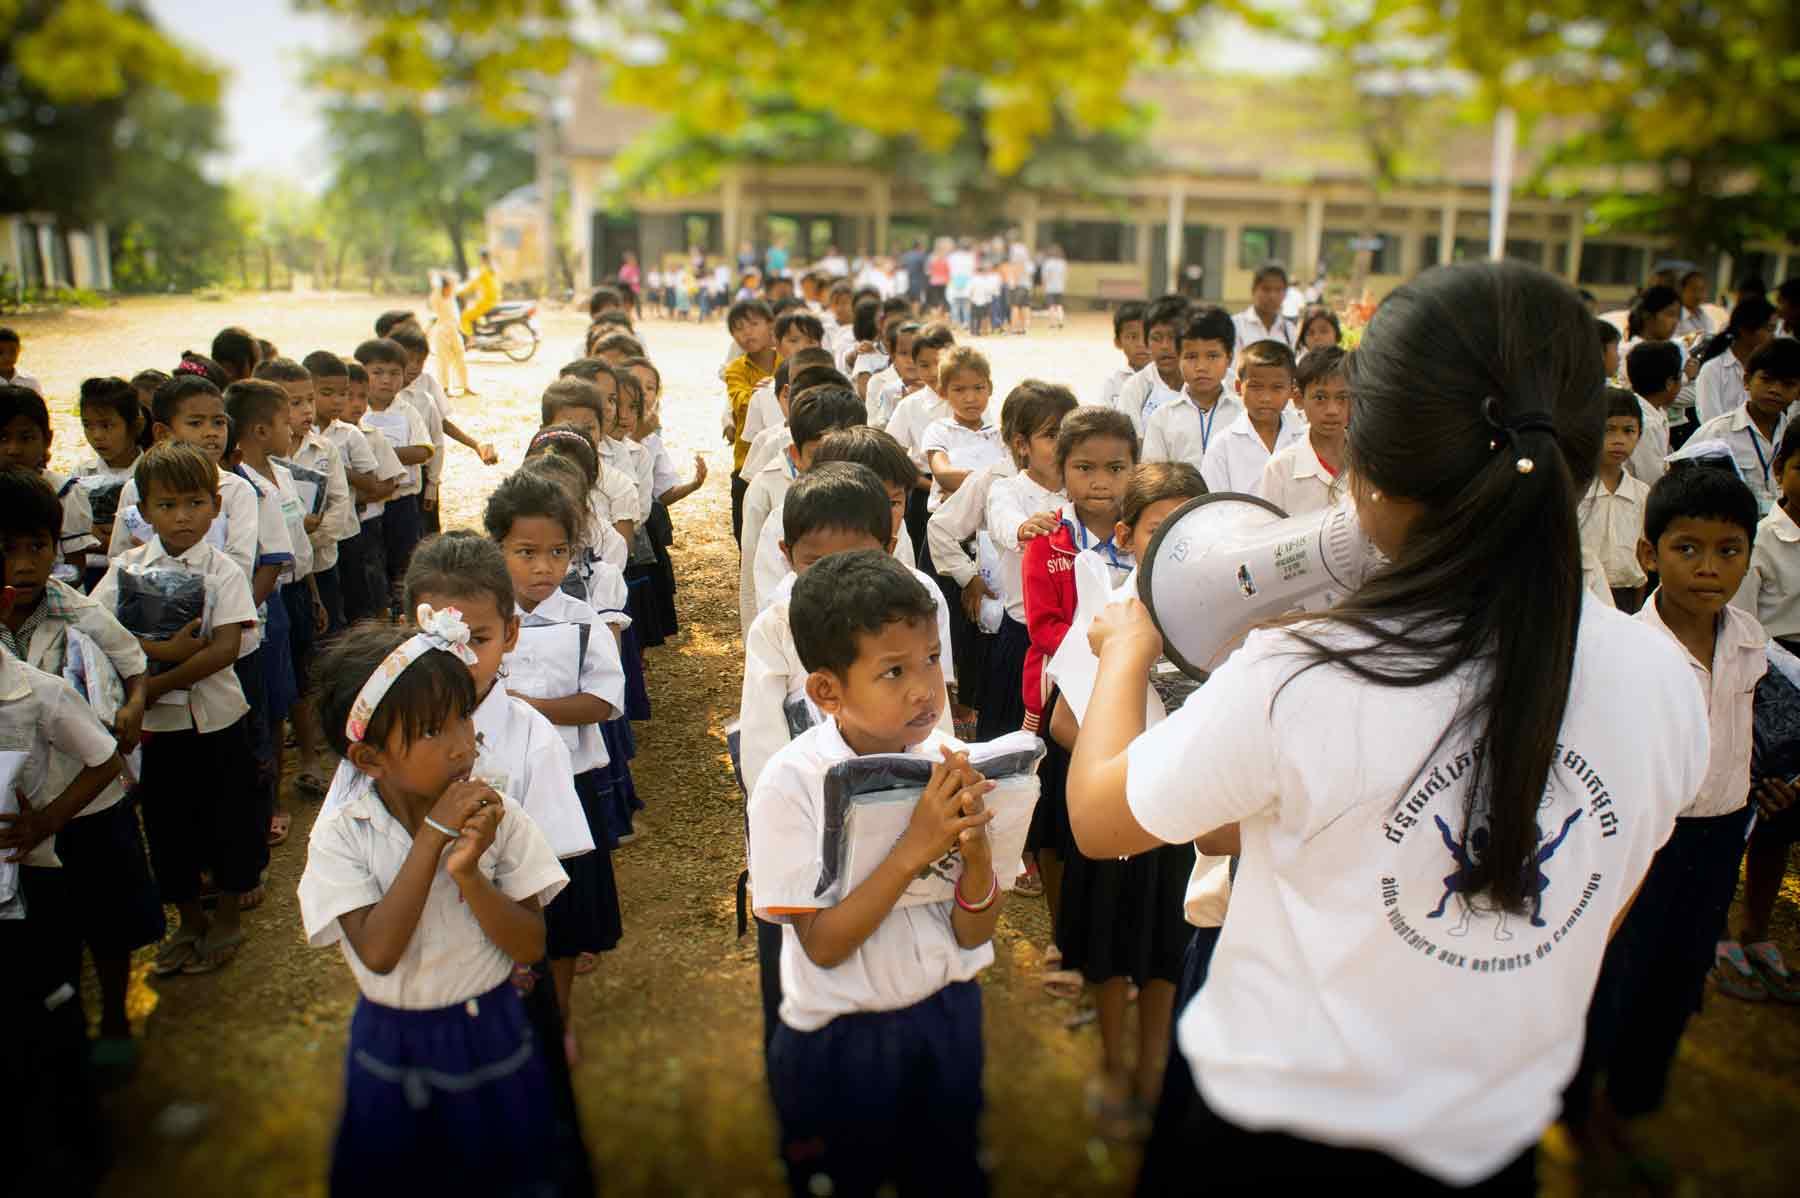 Jeune volontaire au Cambodge lors d'une action humanitaire liée à l'éducation avec des centaines d'enfants dans une école publique.